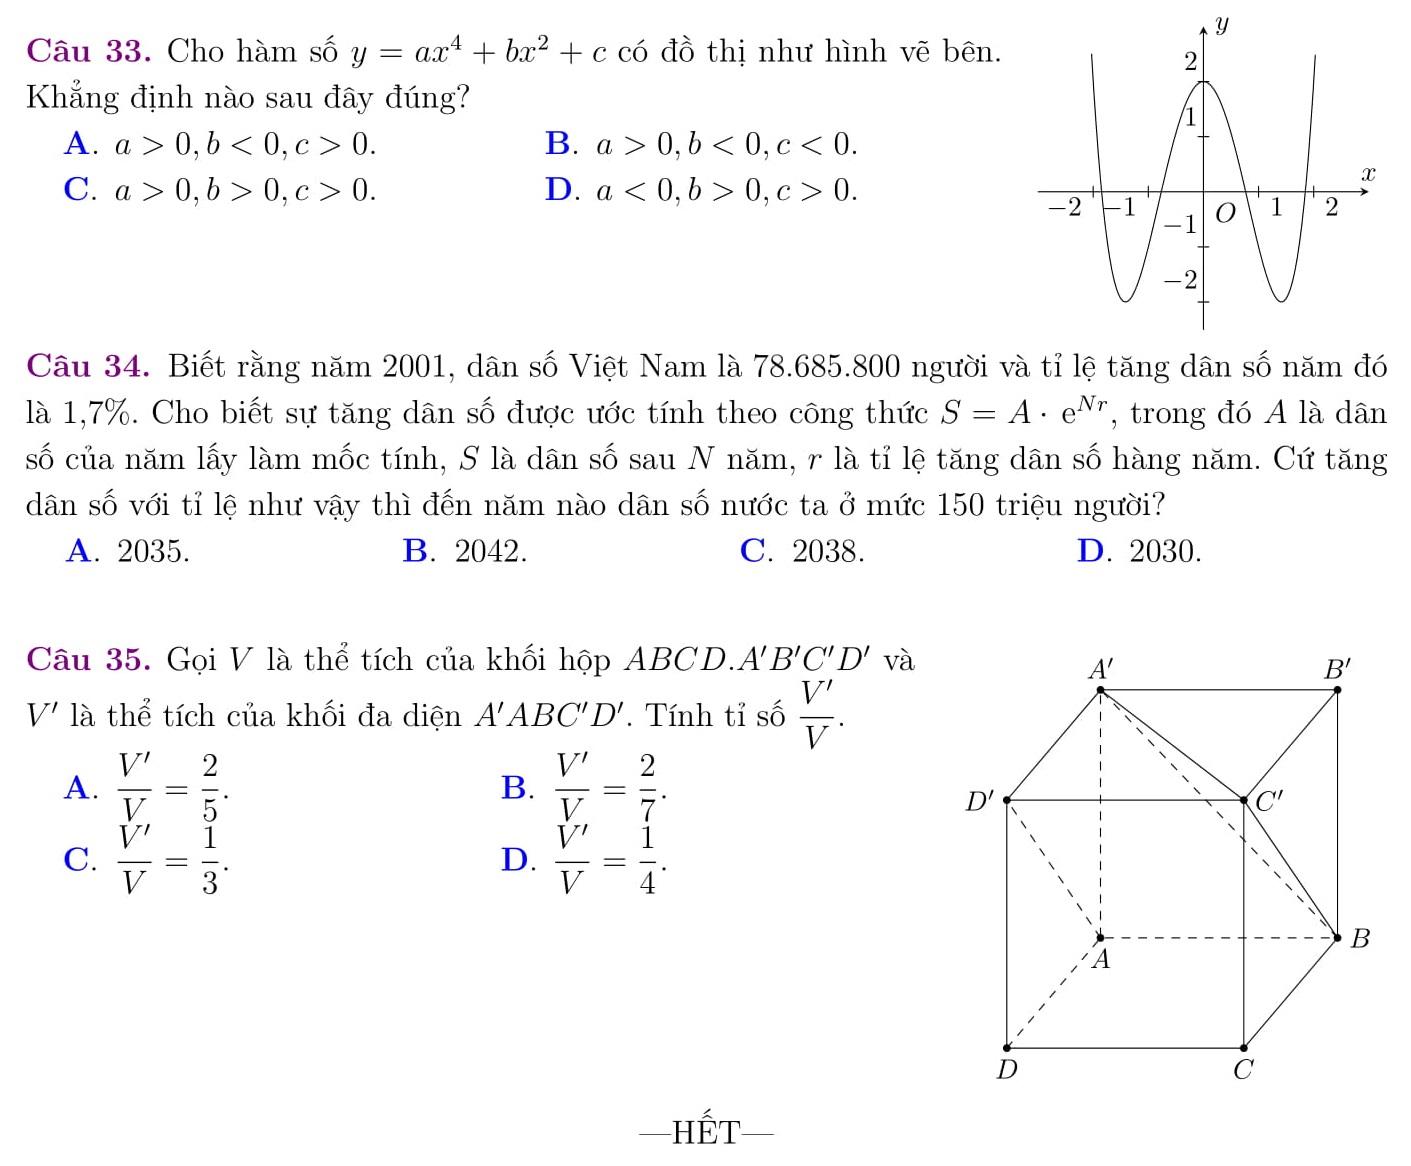 30 Đề thi HK1 Toán 12 được tổng hợp có lời giải mới nhất